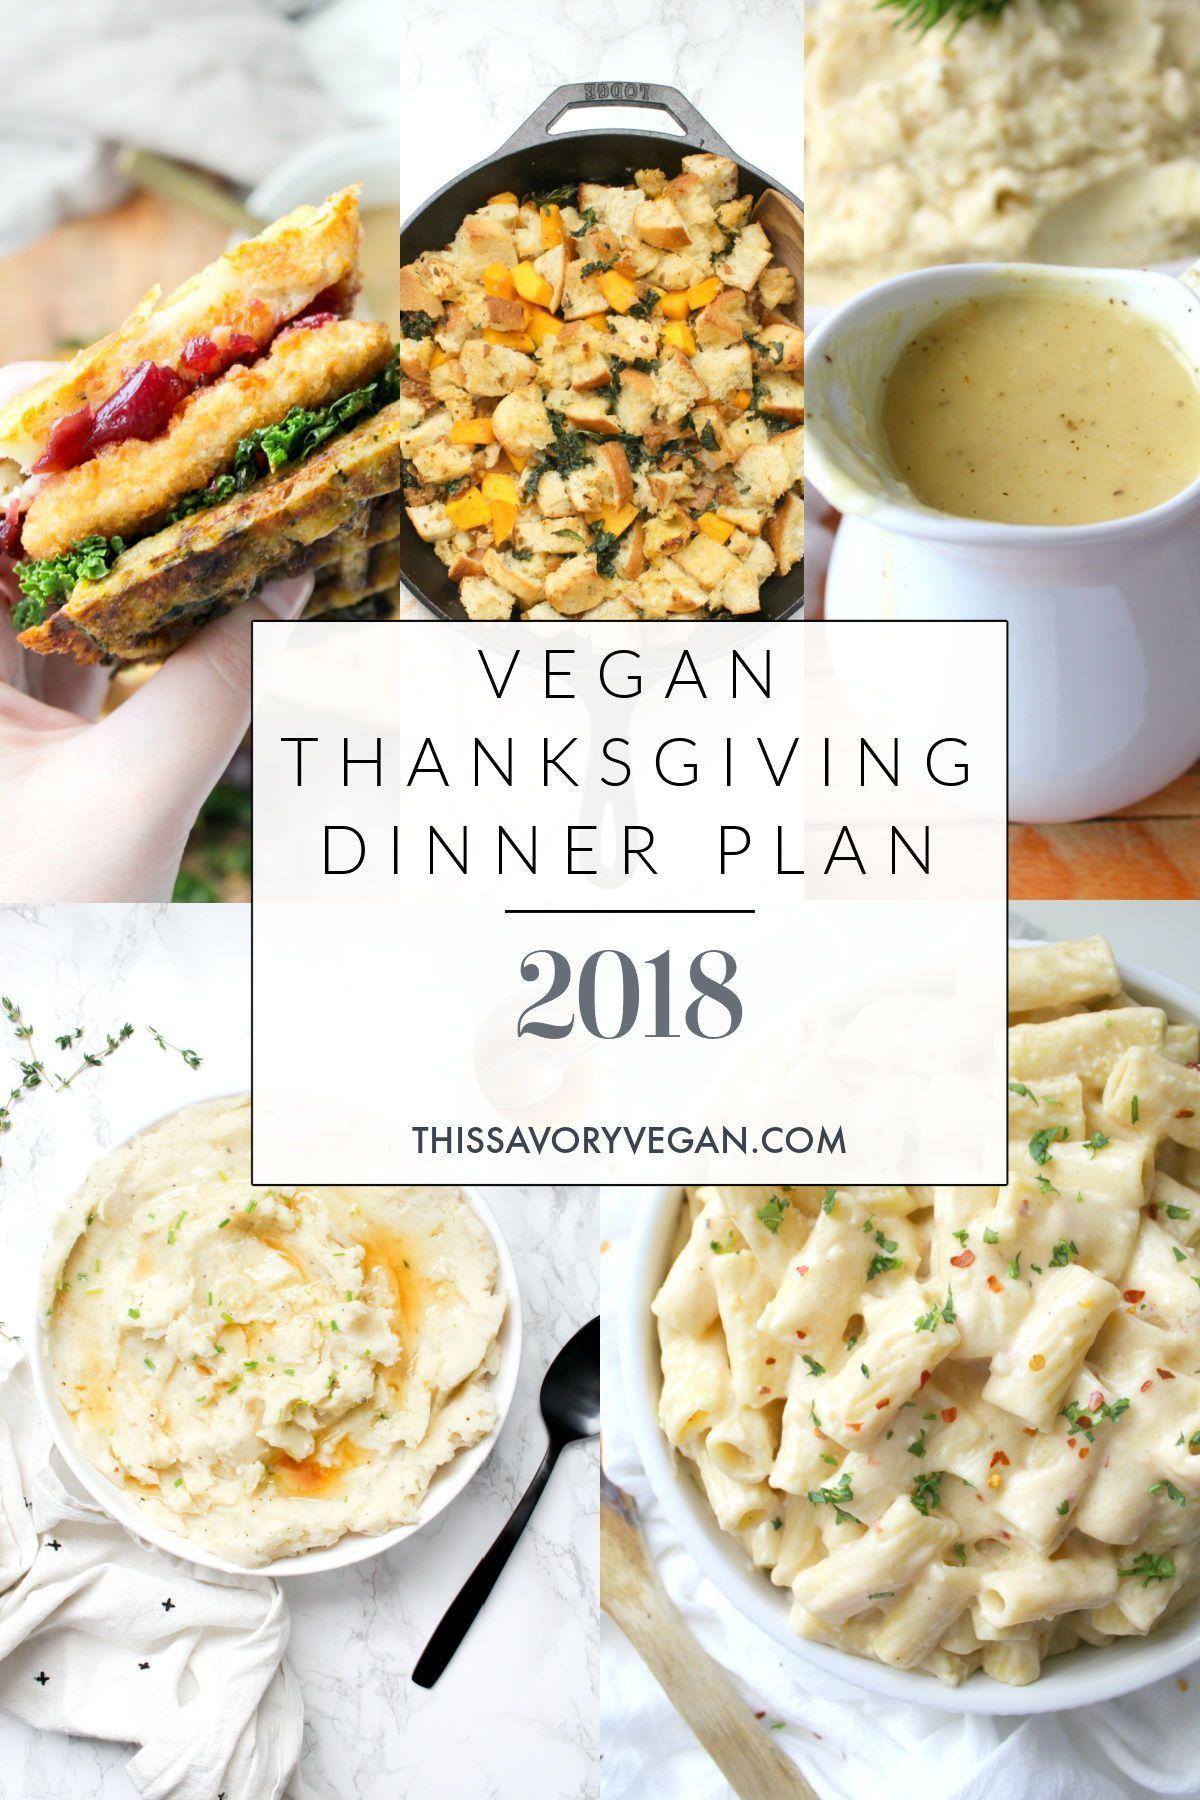 Vegan Thanksgiving Dinner Plan 2018 This Savory Vegan In 2020 Vegan Thanksgiving Dinner Vegan Dinner Recipes Vegan Thanksgiving